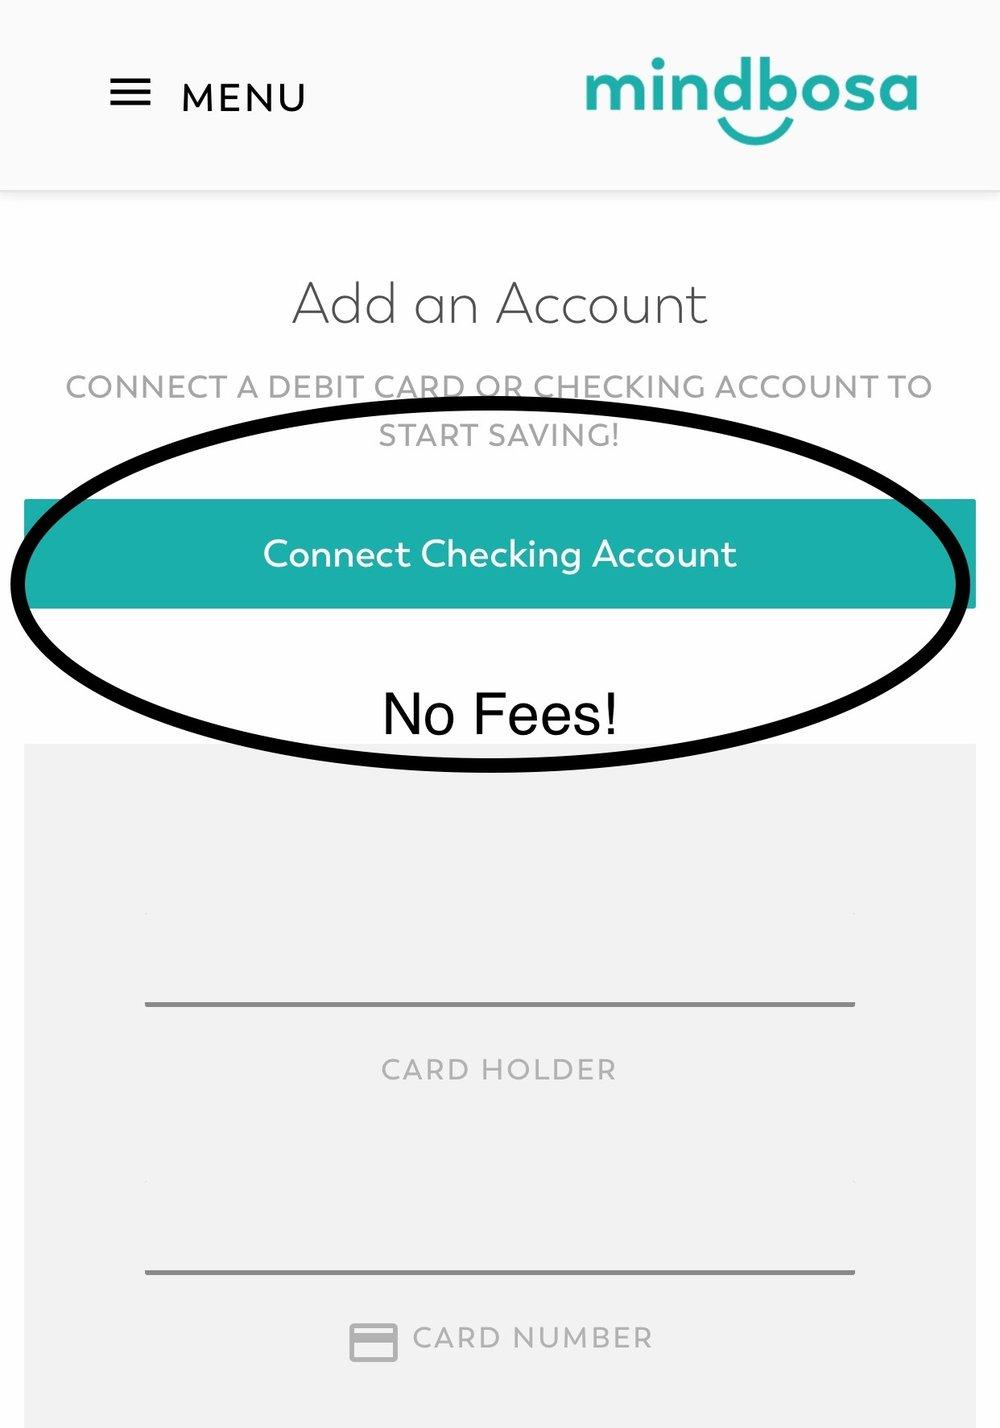 link-checking-no-fees-mindbosa.jpg